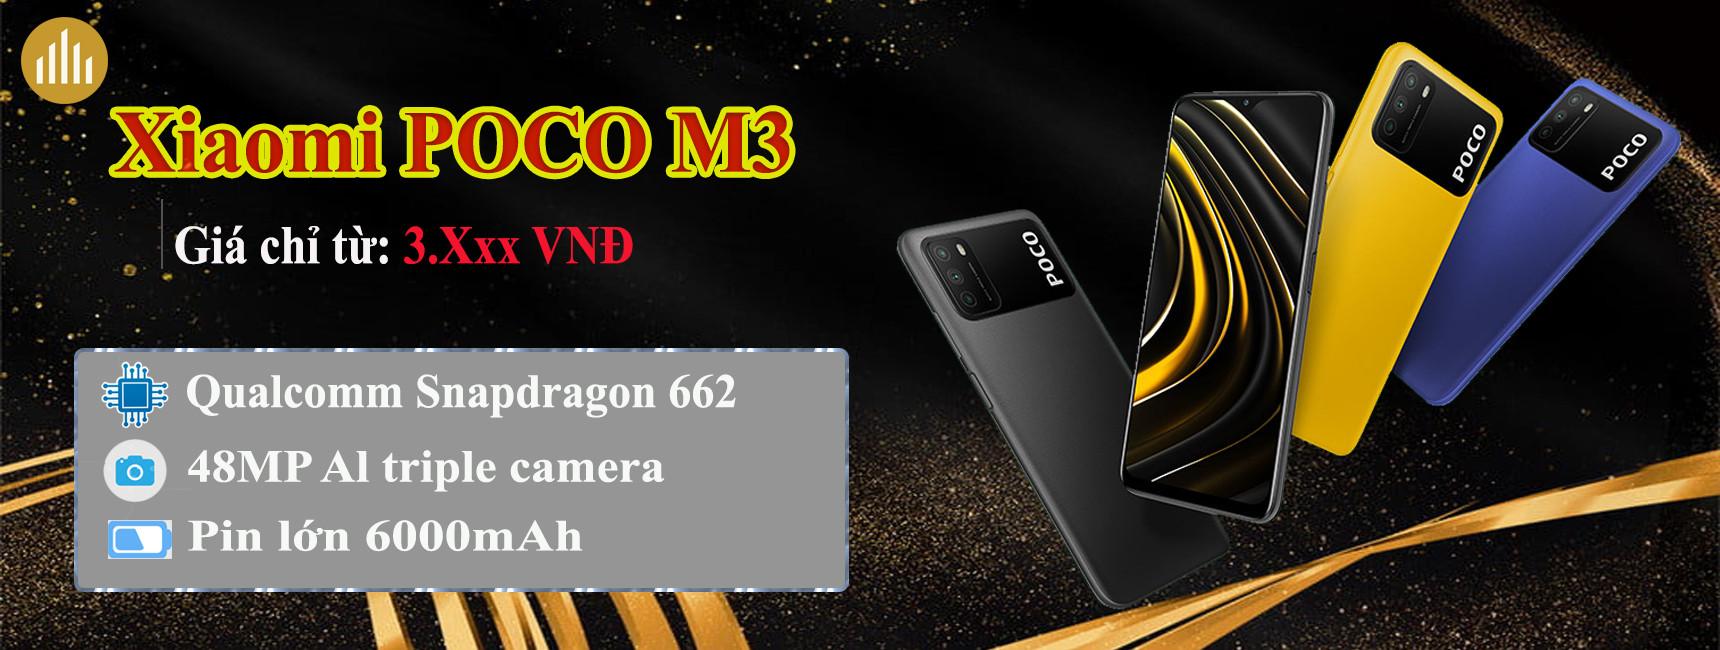 Điện thoại Xiaomi Poco M3 (Chính hãng DGW)